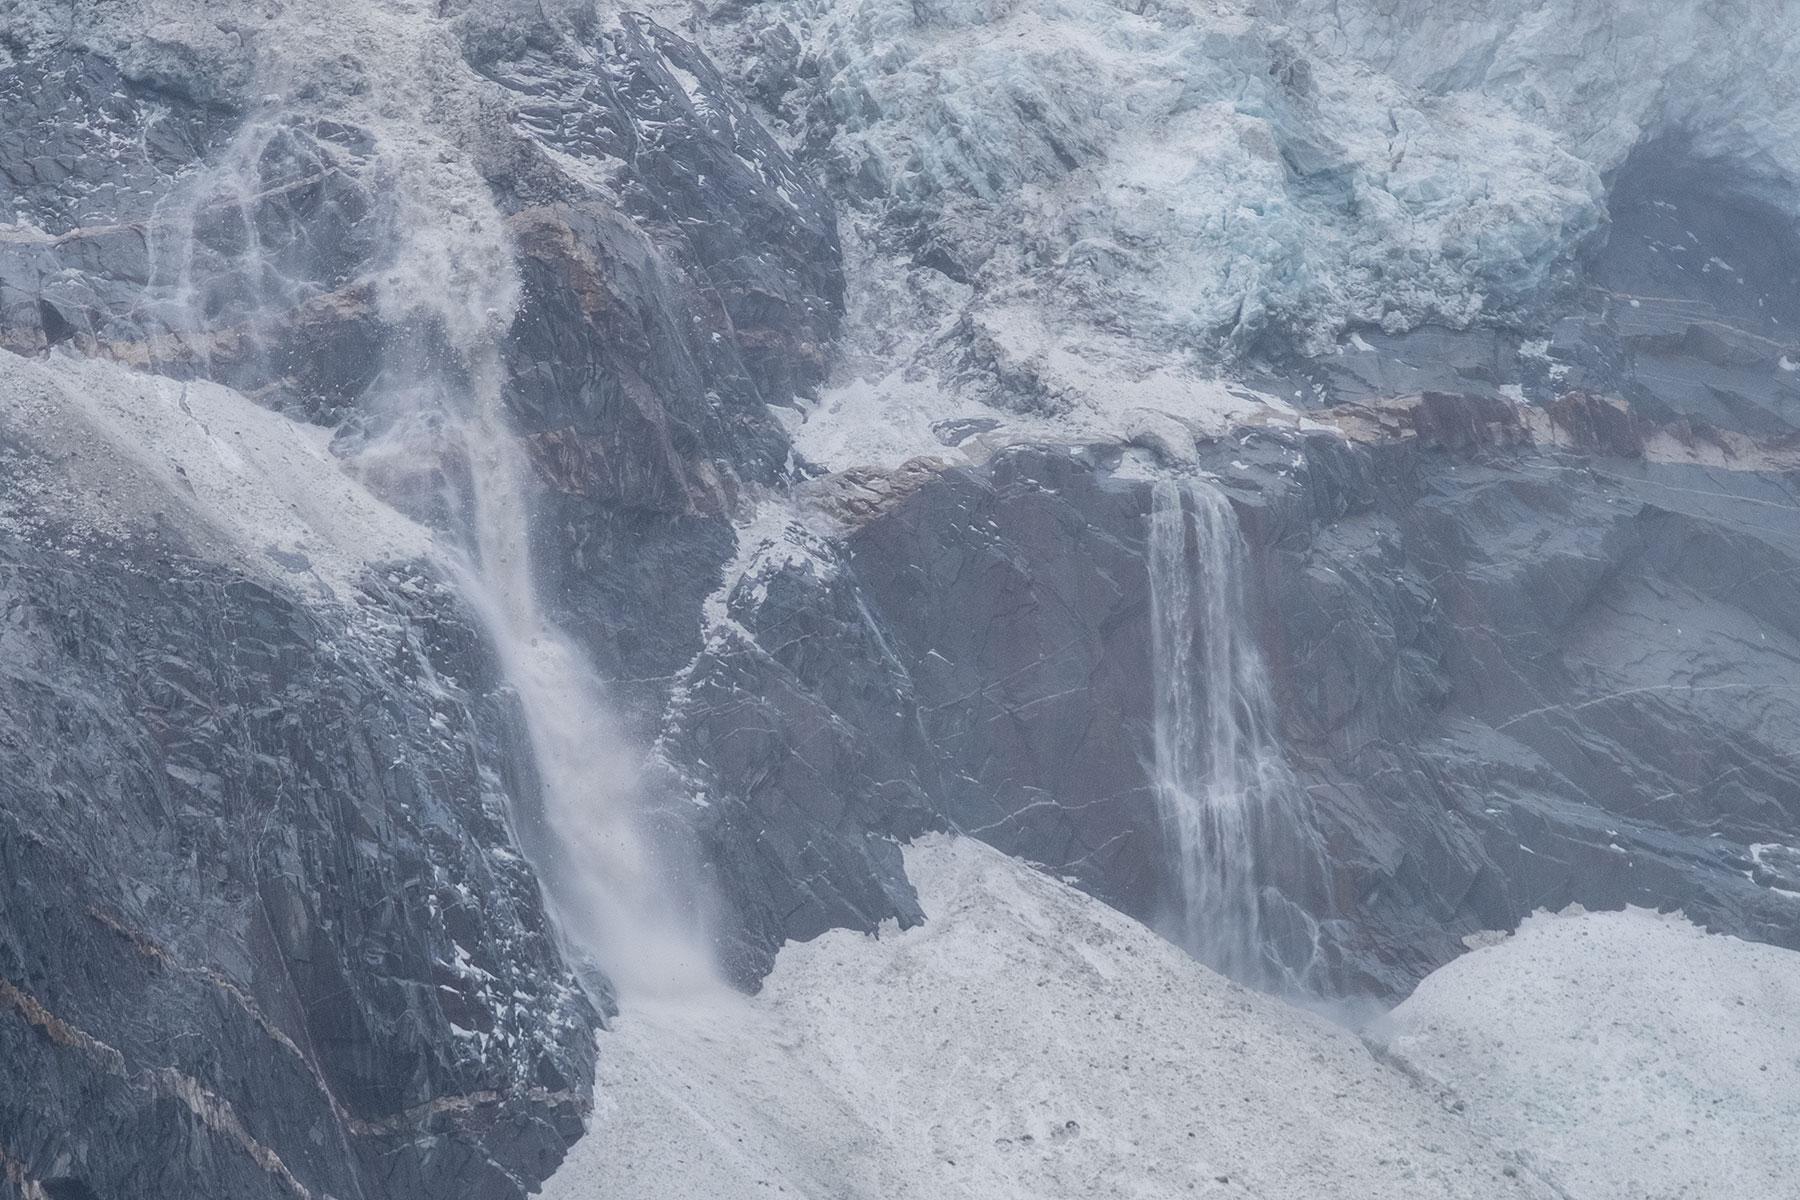 Gletscher mit Schnee und Wasserfall im Vogel im Hailuogou Gletscher Park in Sichuan